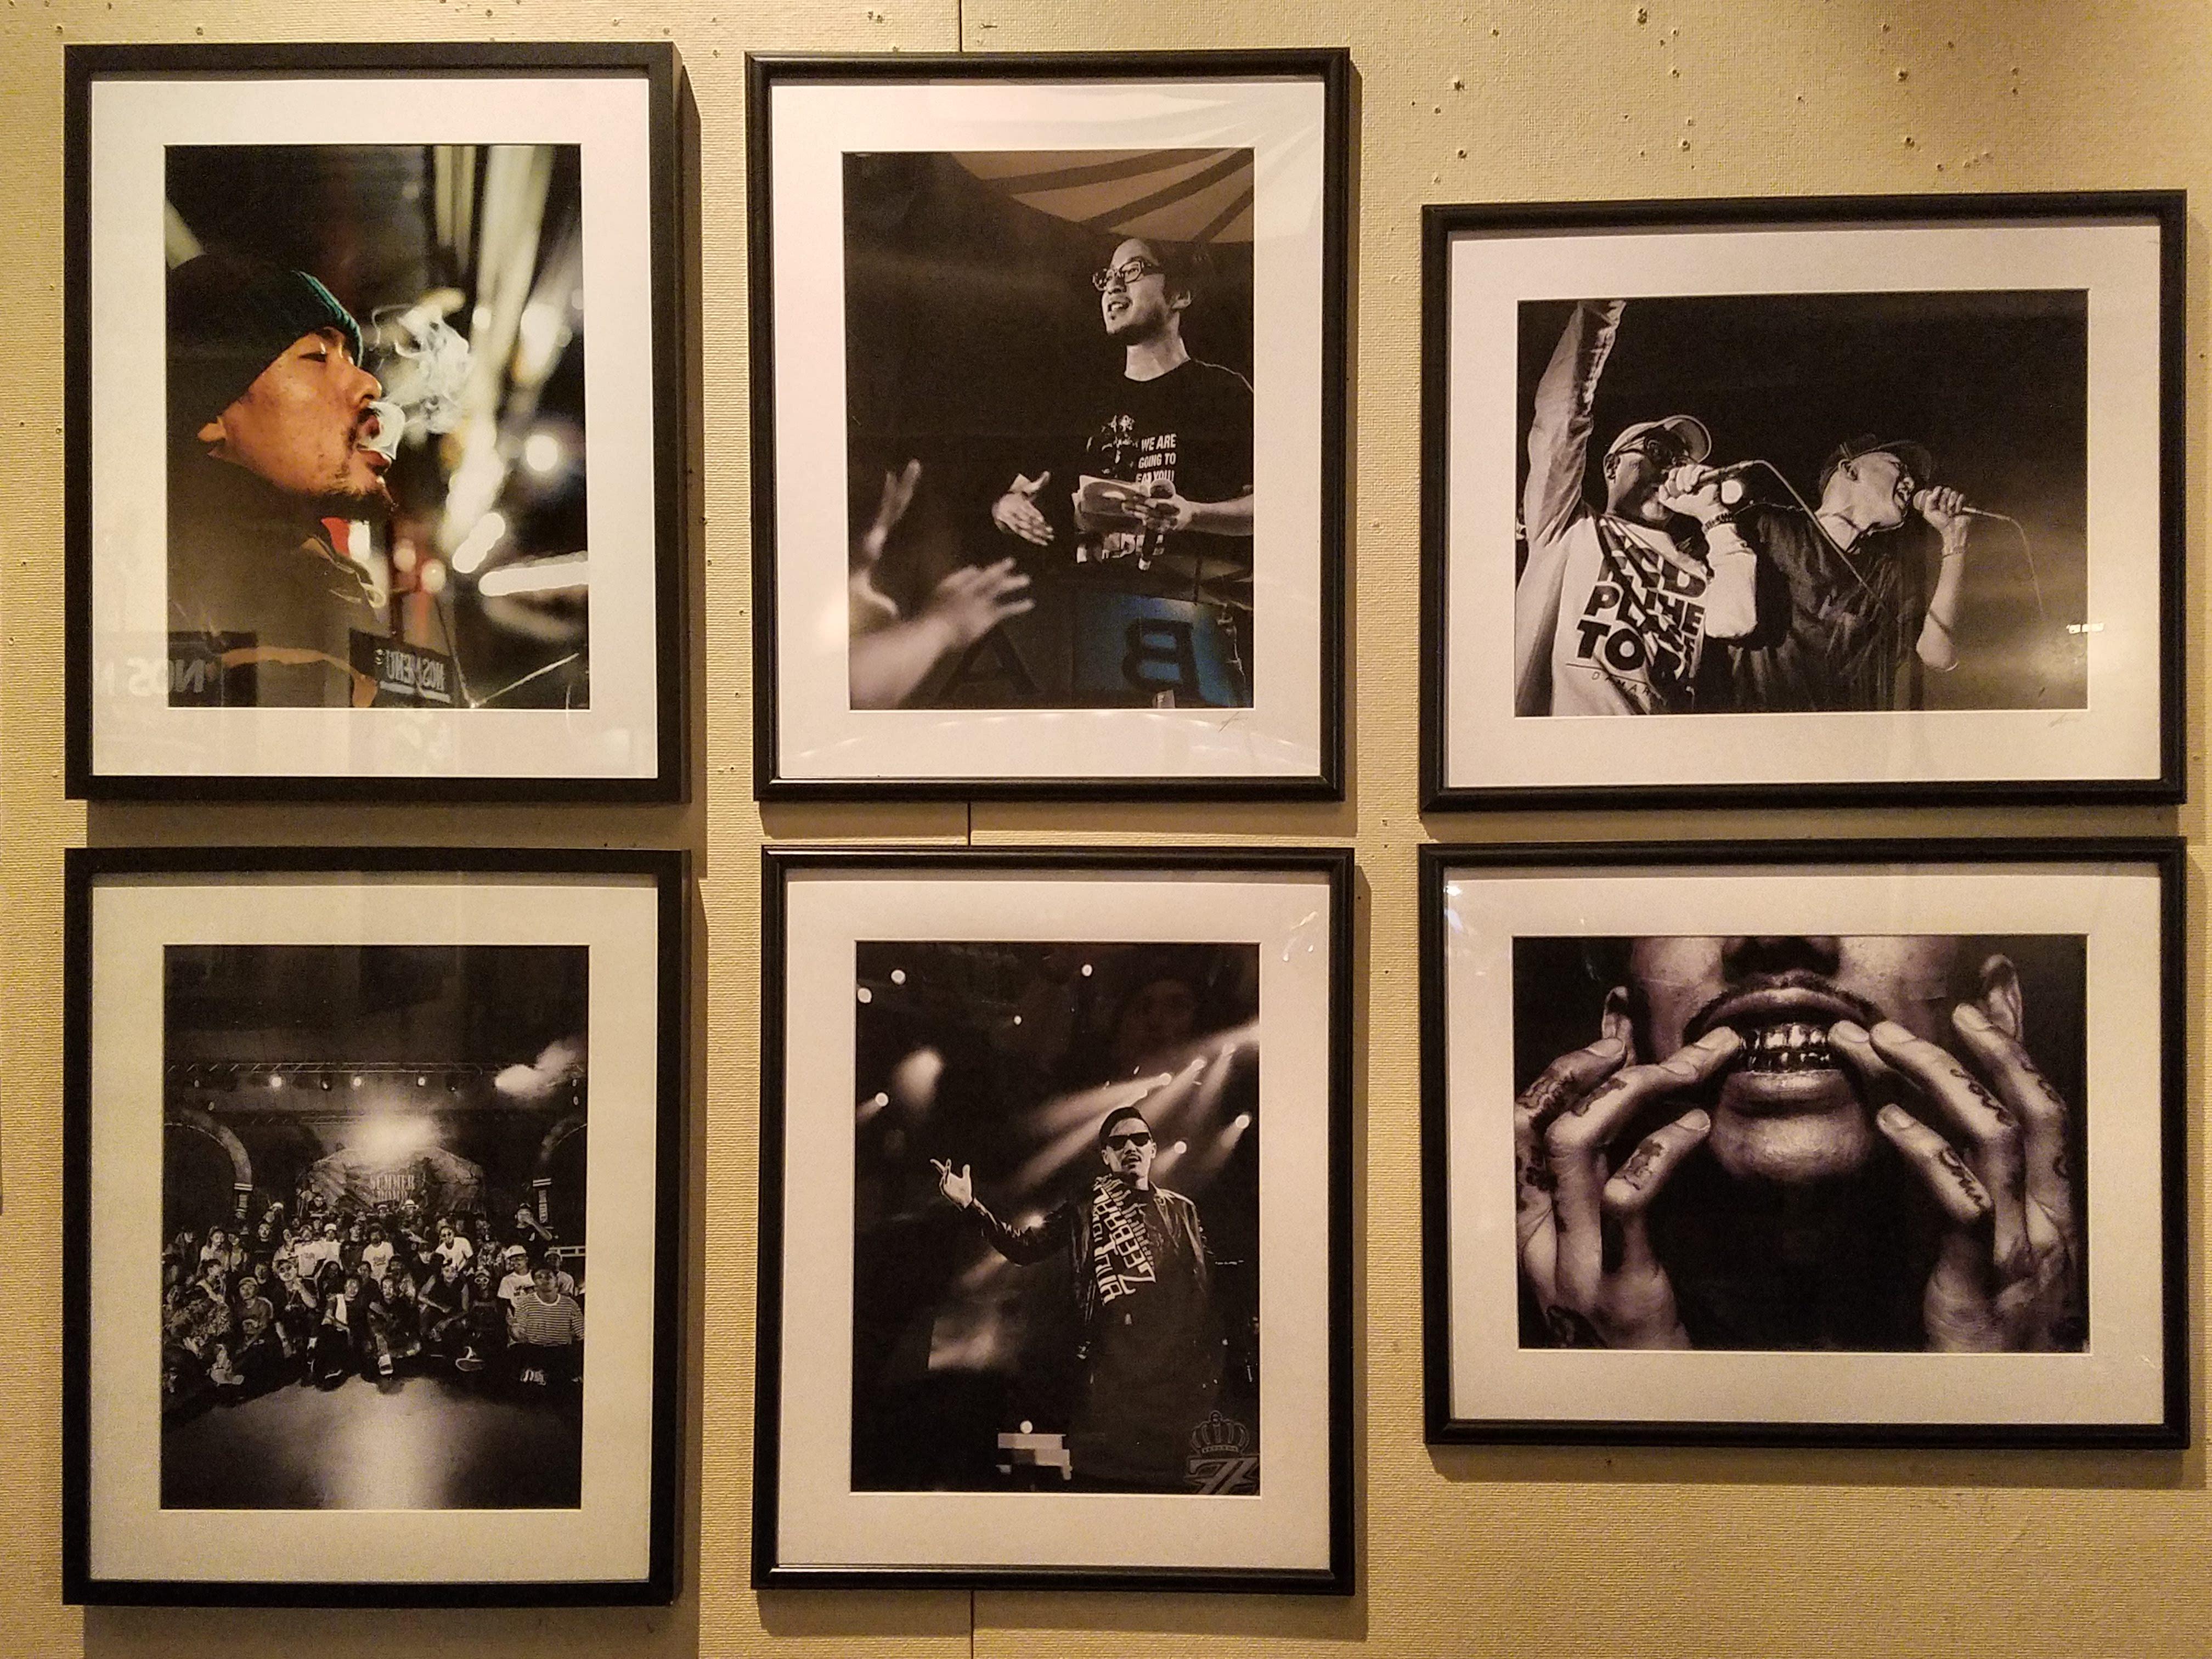 チルウィルさんの優しさcherry chill will氏の写真展「Beats & Rhymes + PIXXX」